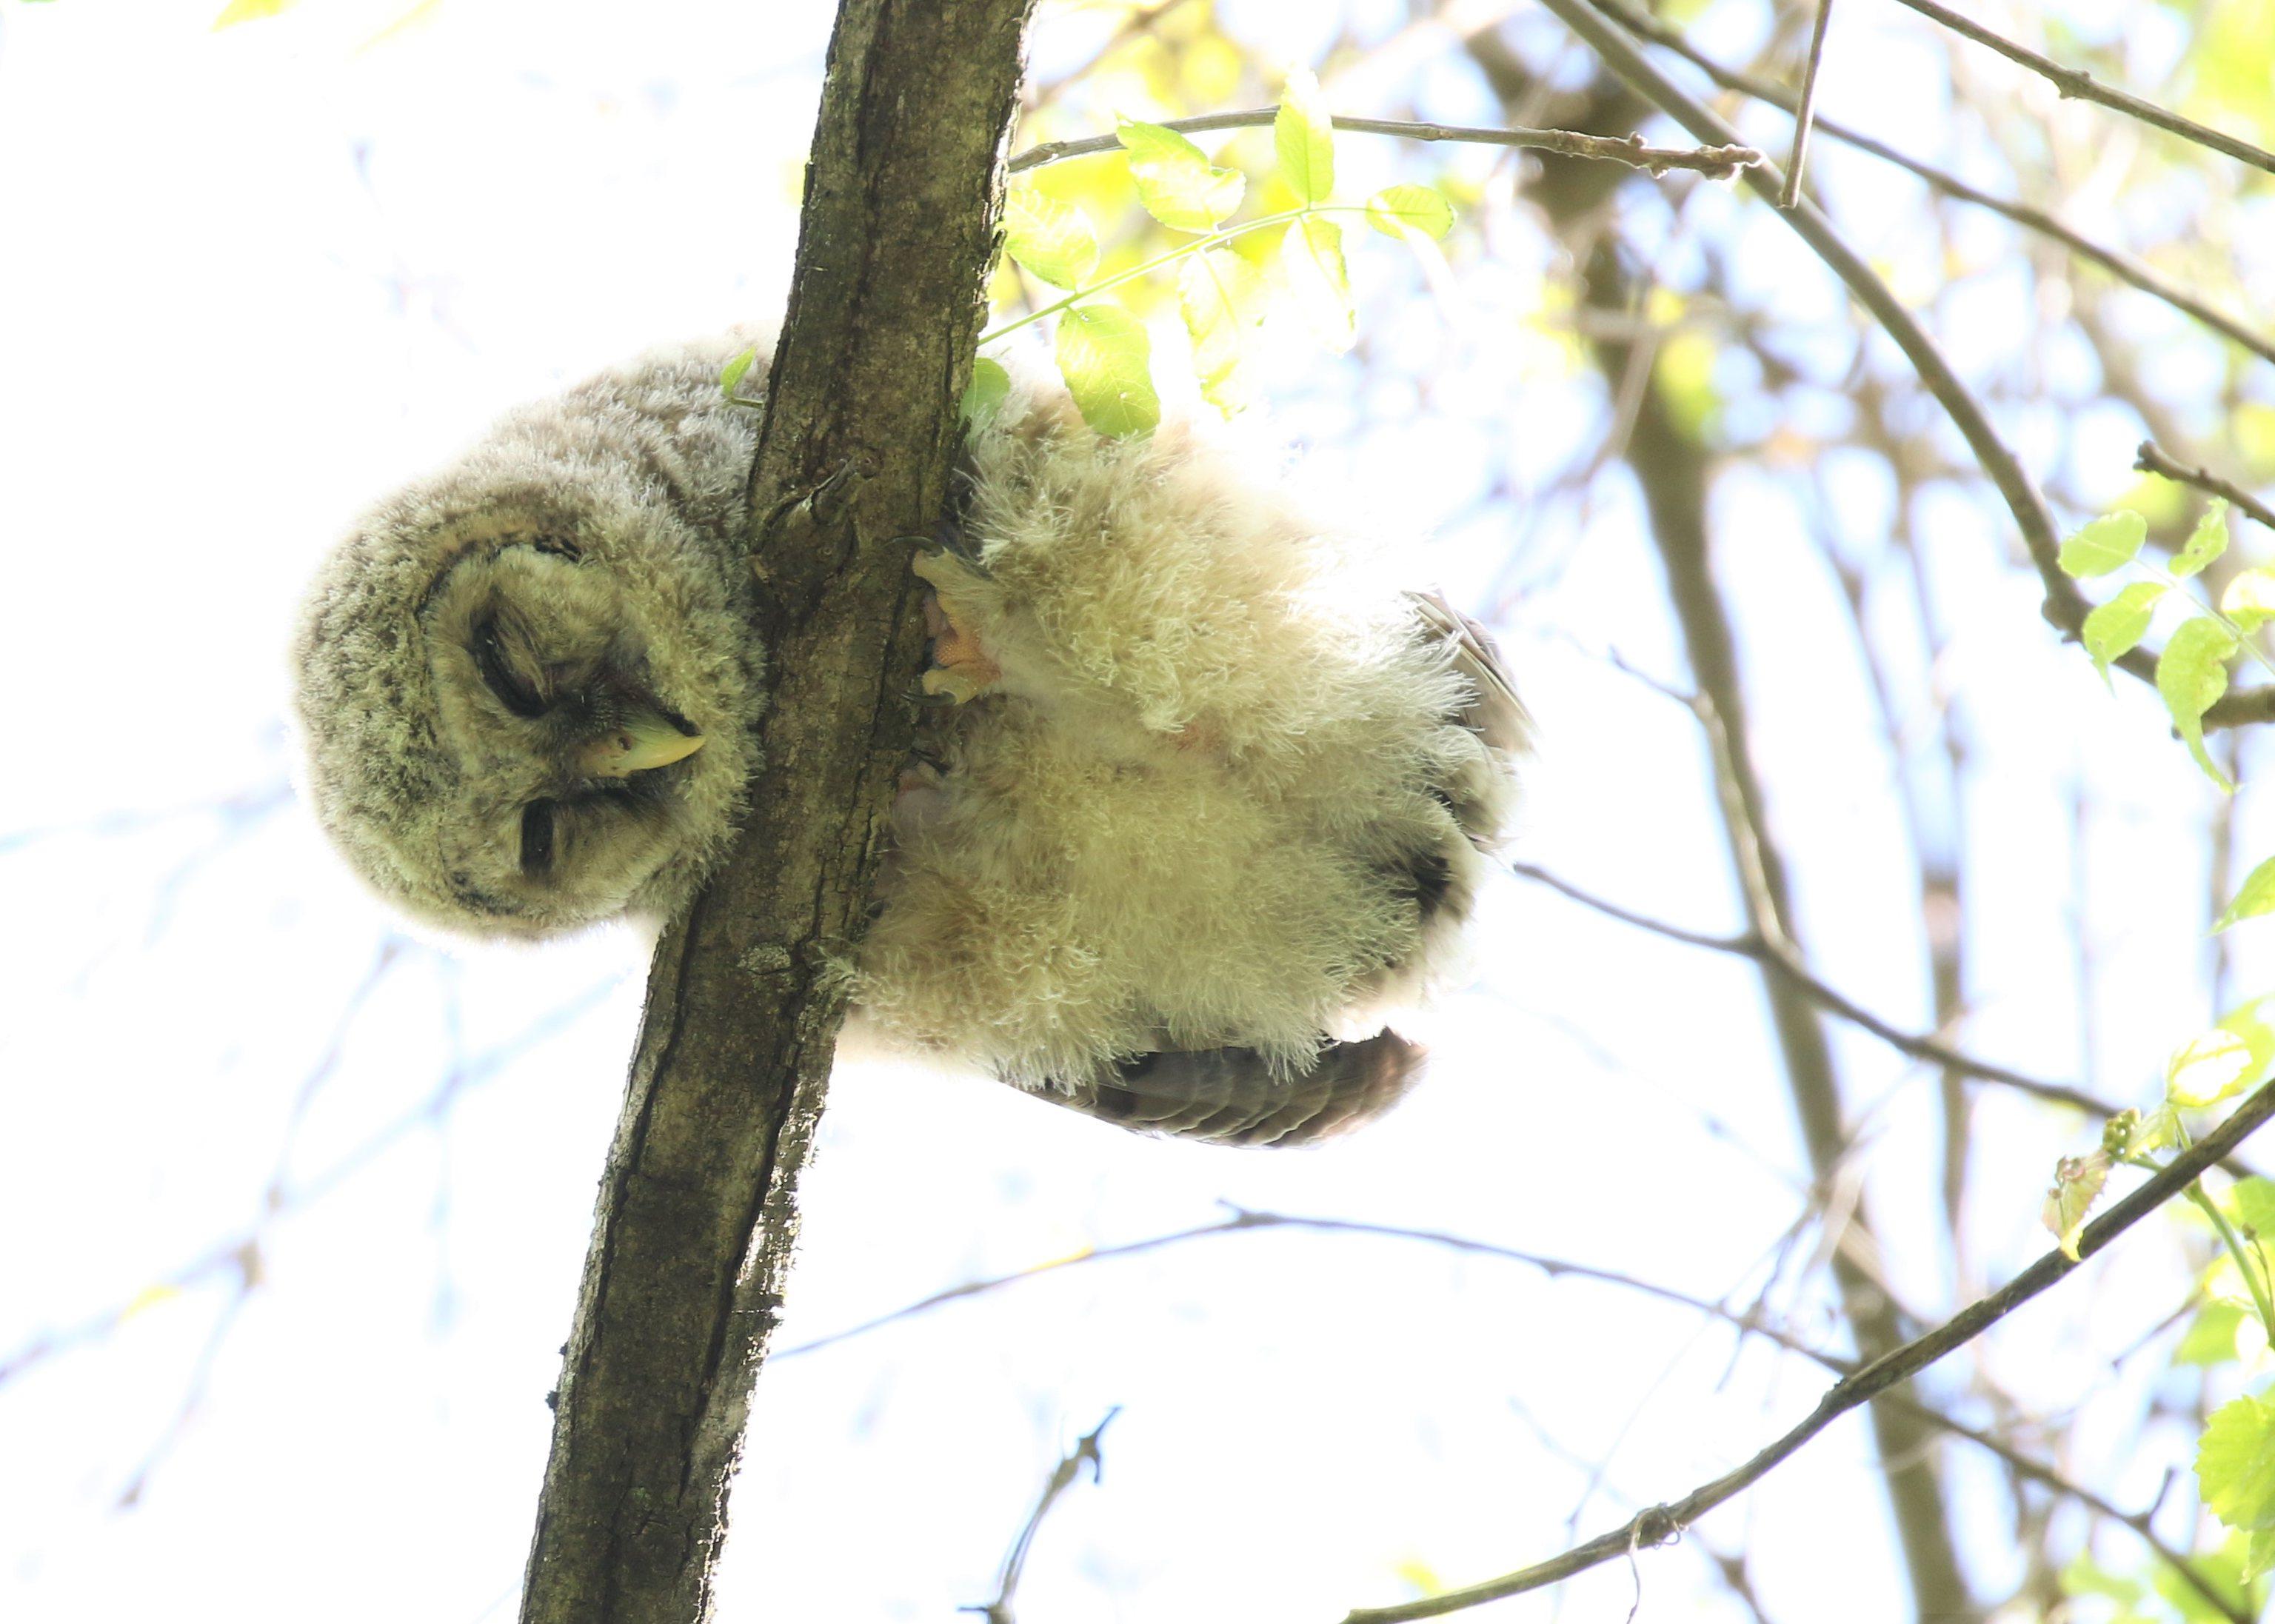 Barred owlet fledgling sleeping